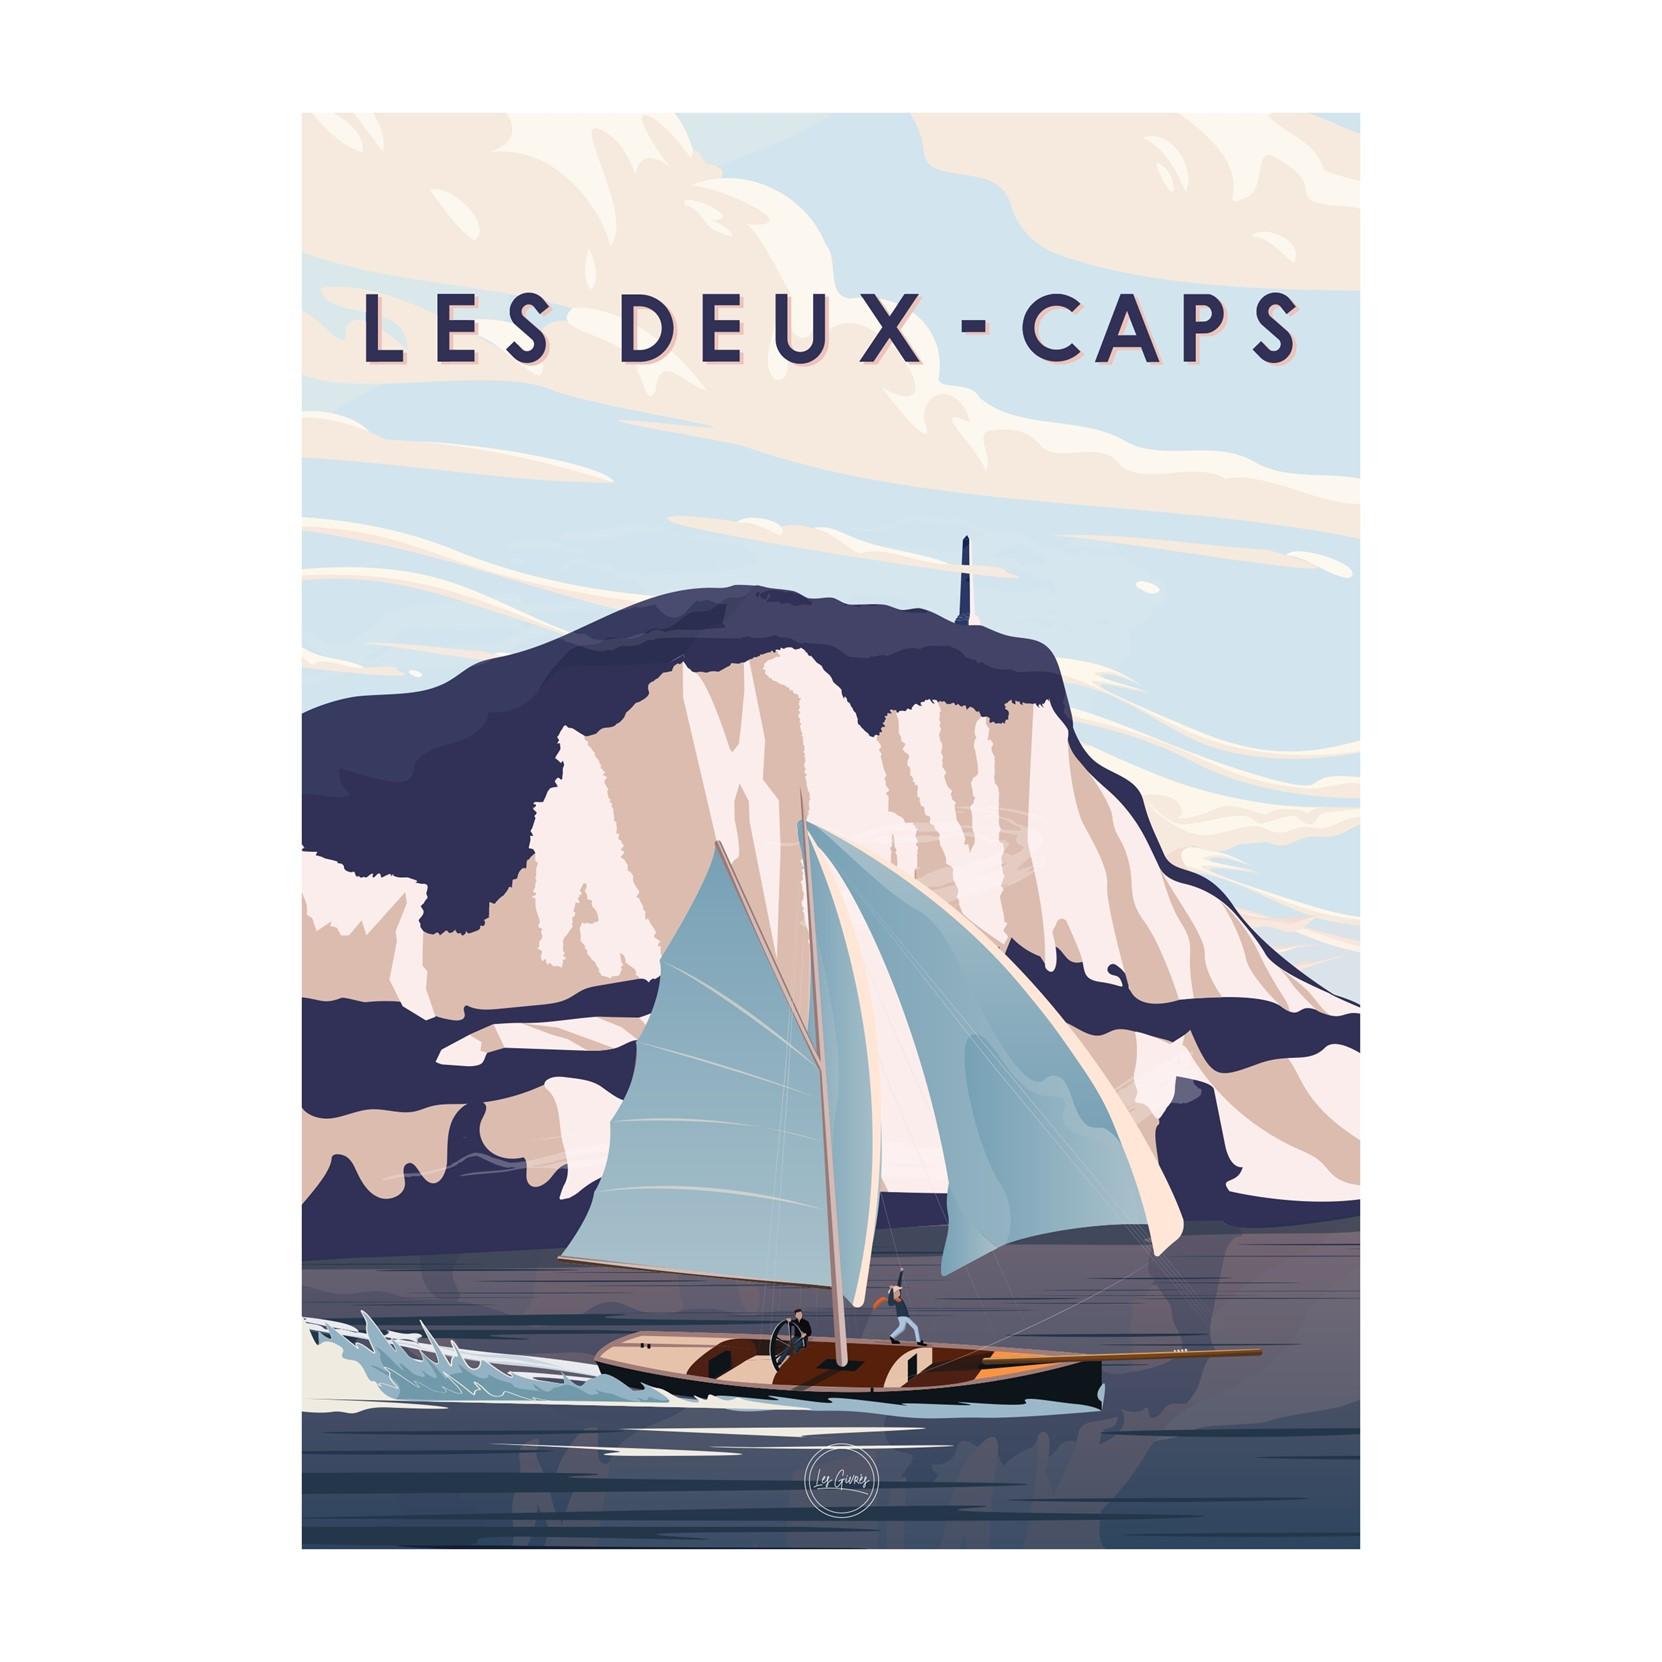 LES DEUX CAPS